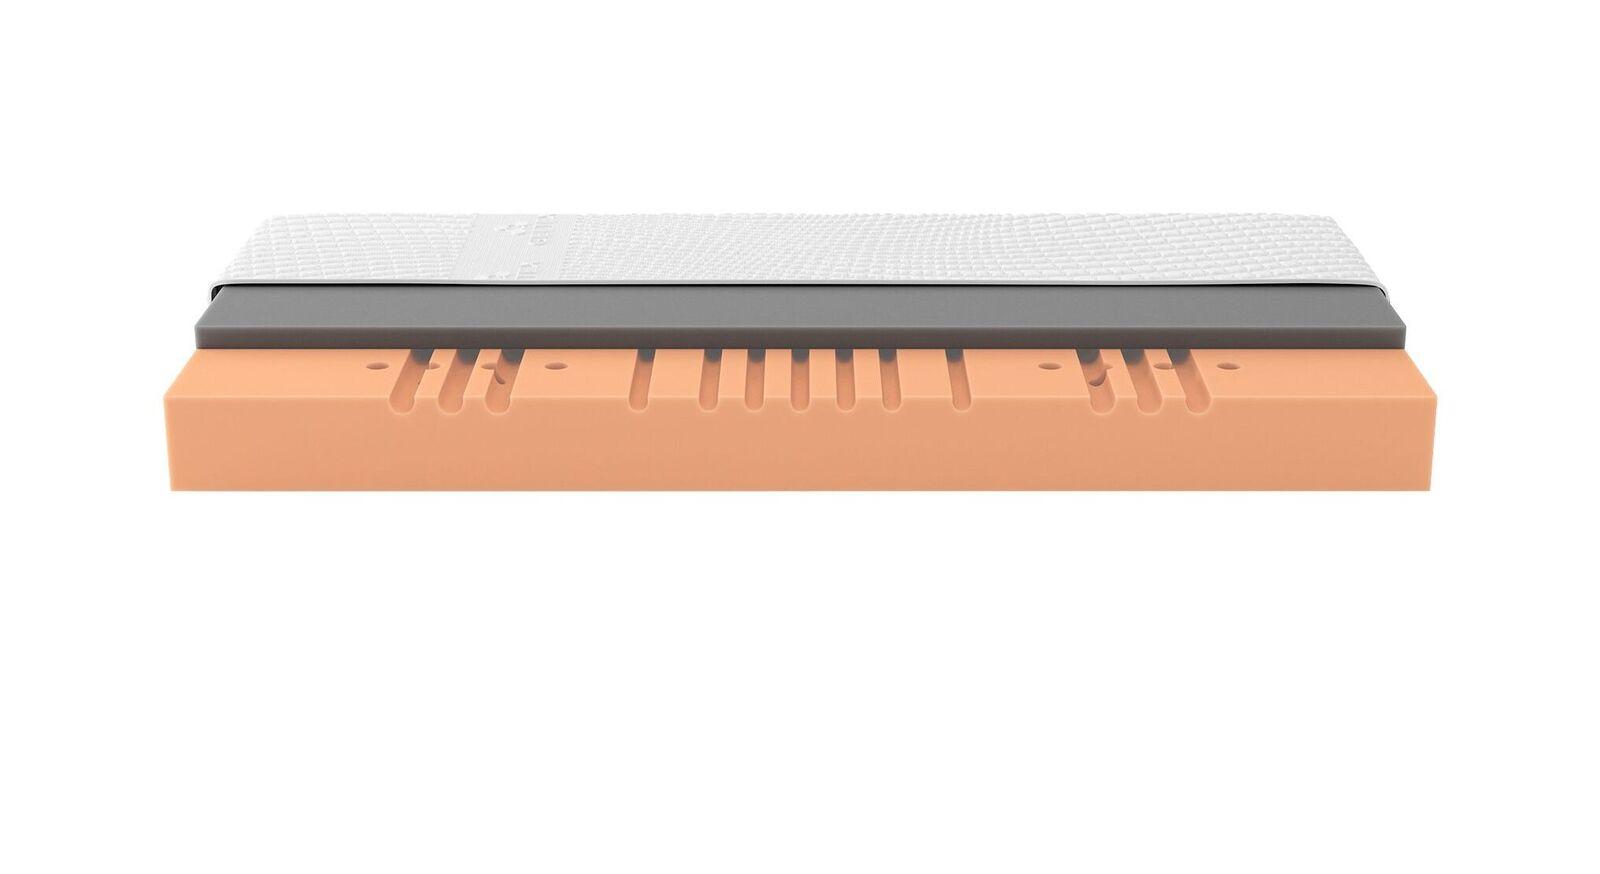 SCHLARAFFIA Gelschaum-Matzatze GELTEX Solaris ZV ideal für Seitenschläfer